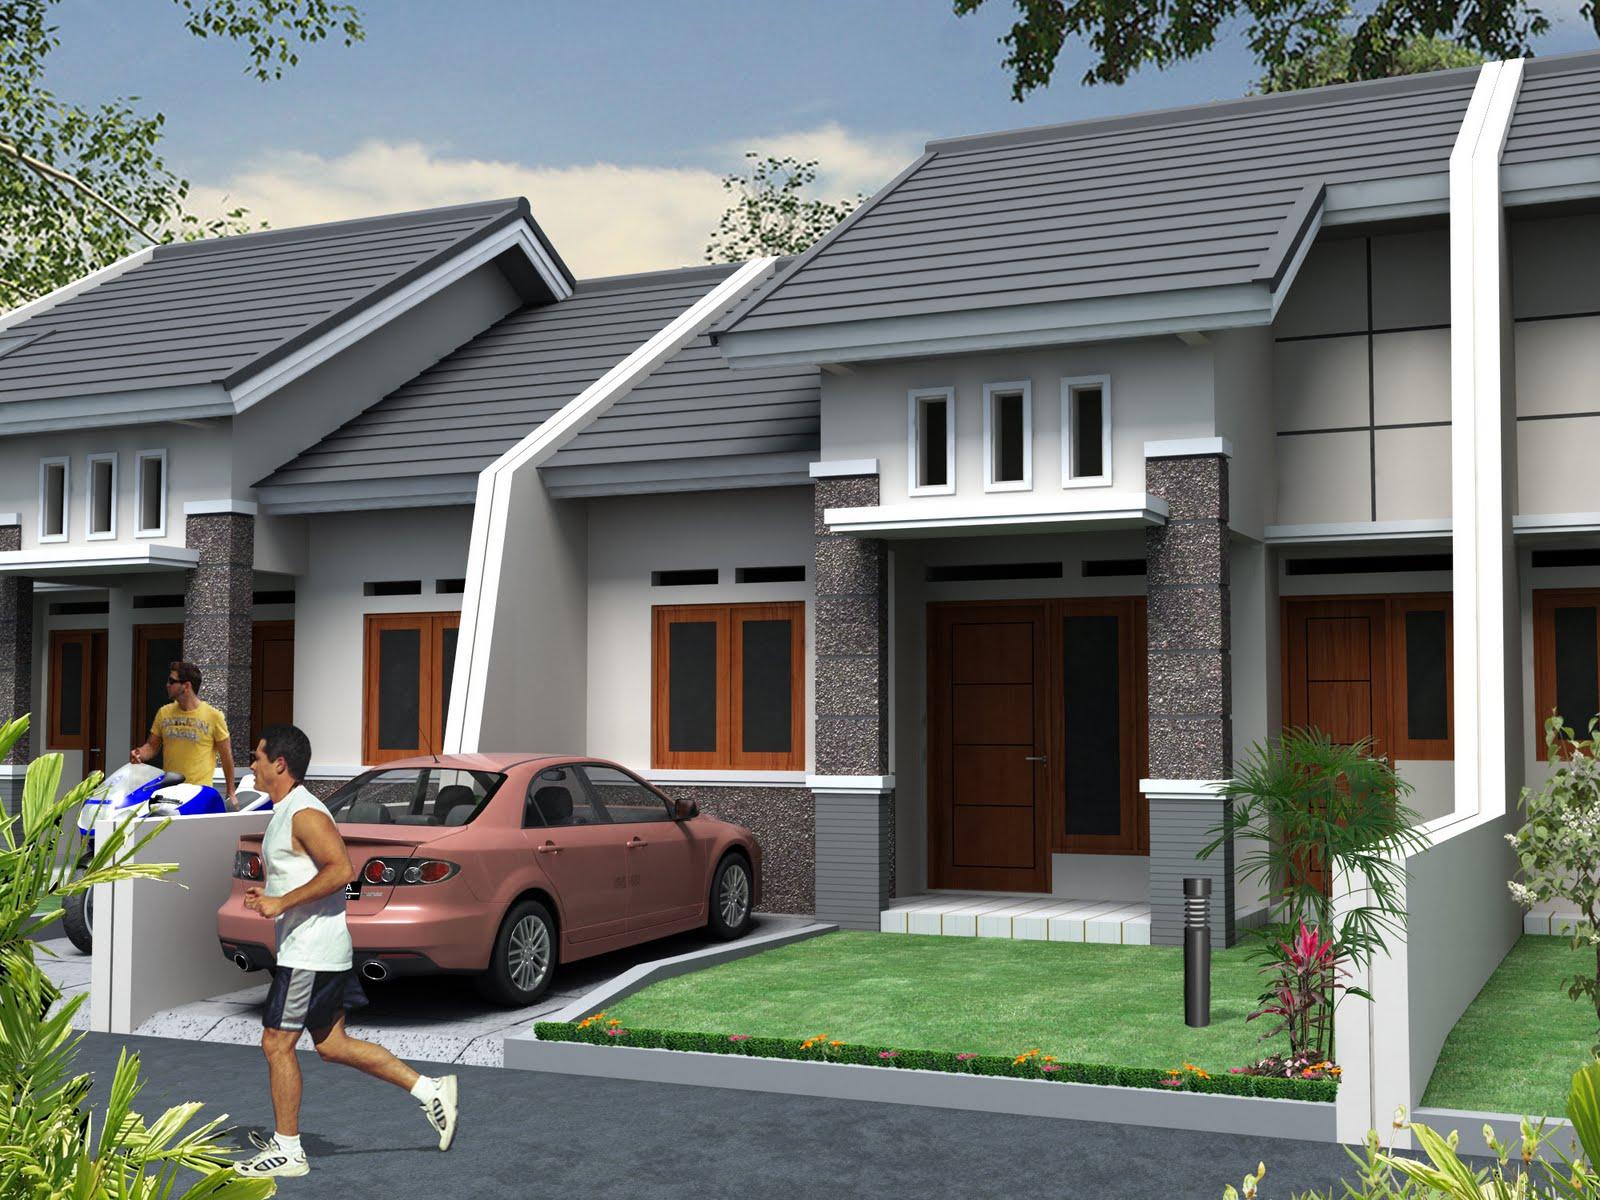 Desain Rumah Minimalis Type 45  Disain Arsitektur Rumah Tinggal dan Bangunan